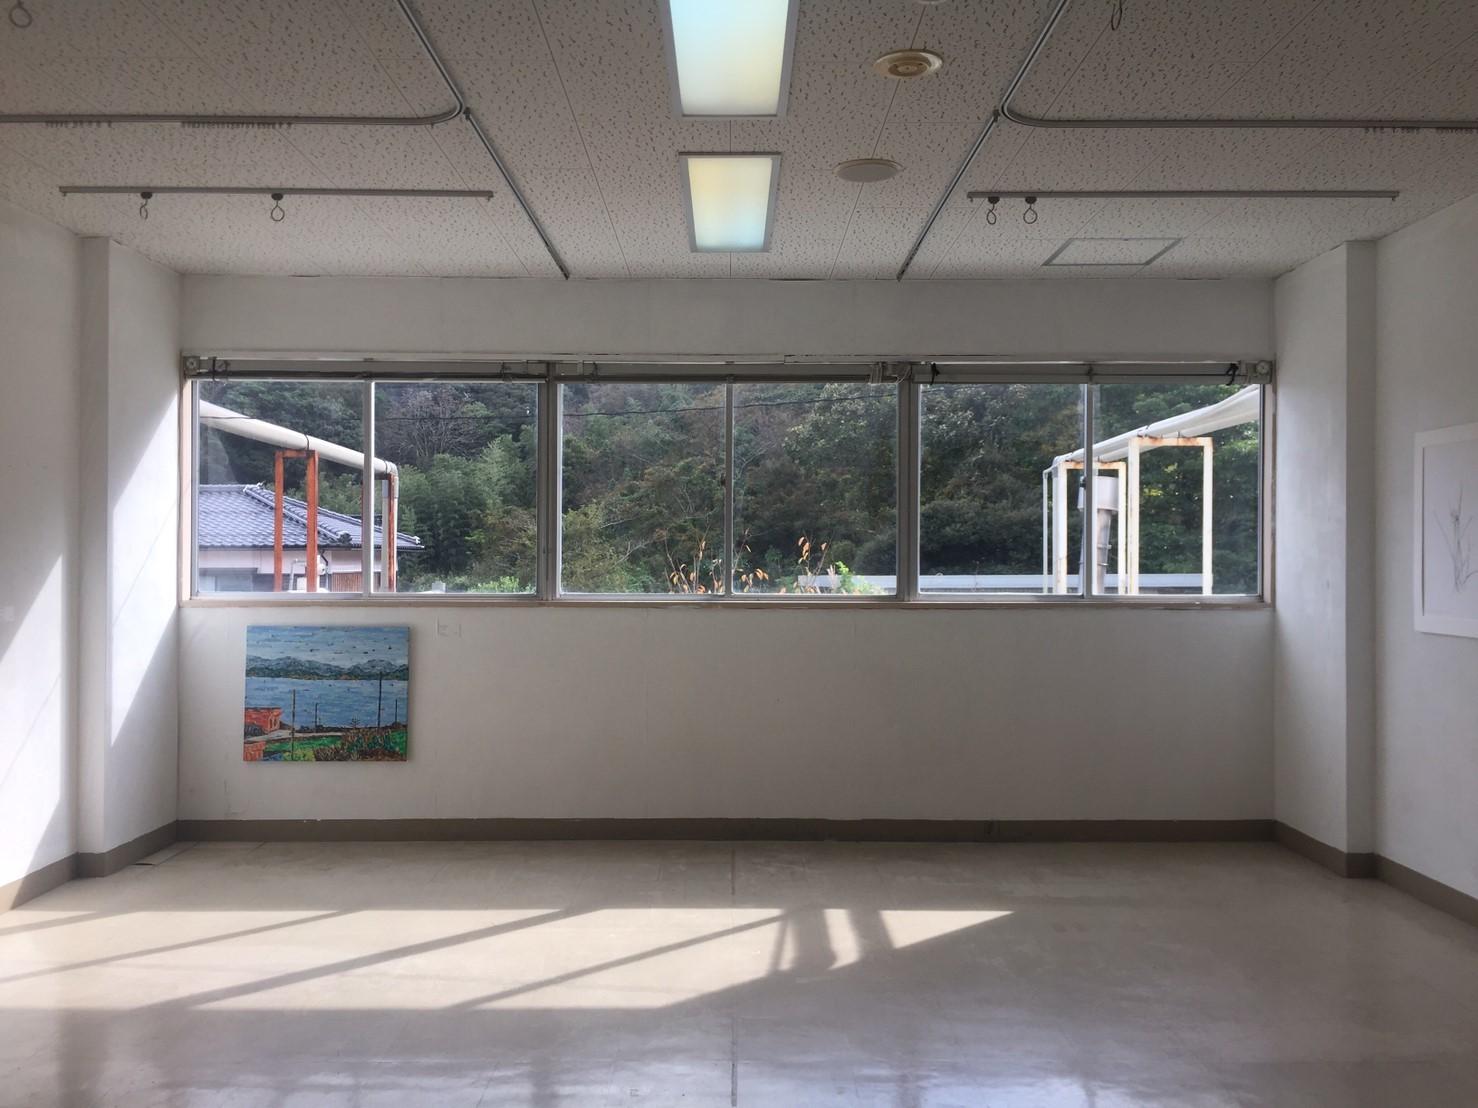 岩美現代美術展 2019_e0115904_01281054.jpg